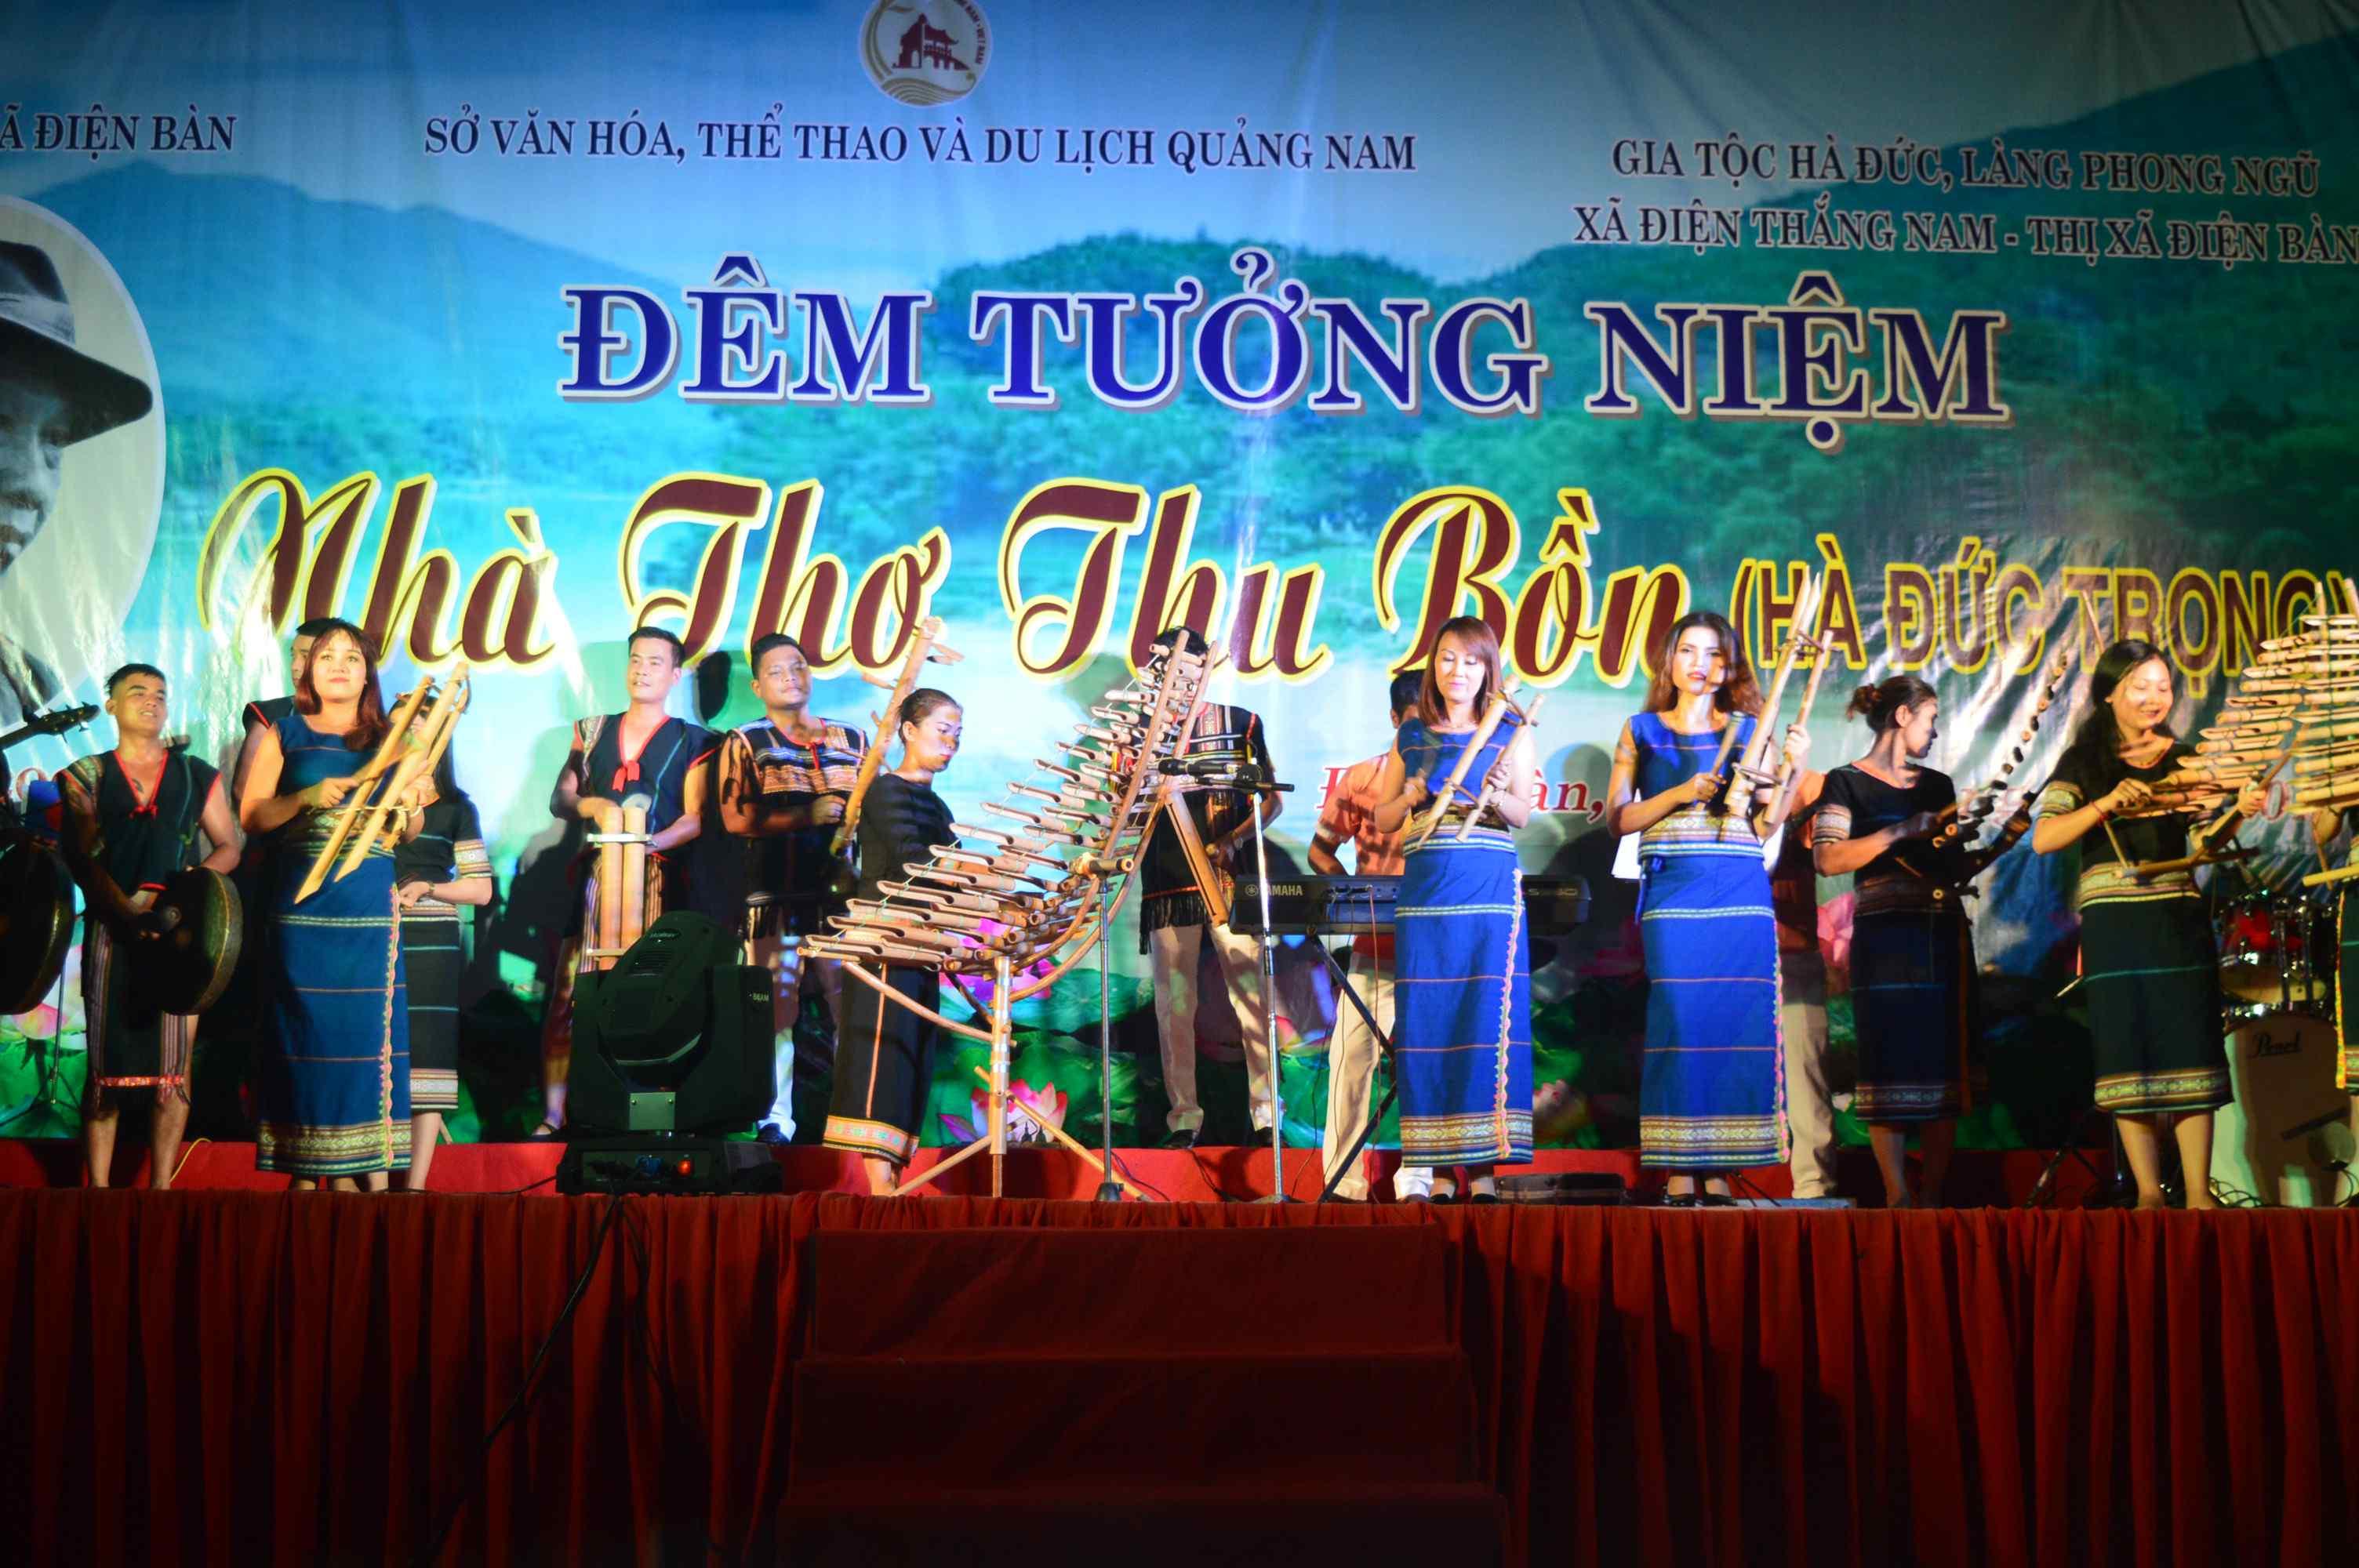 Một tiết mục văn nghệ của Đoàn nghệ thuật tỉnh Kon Tum. Ảnh: Q.T